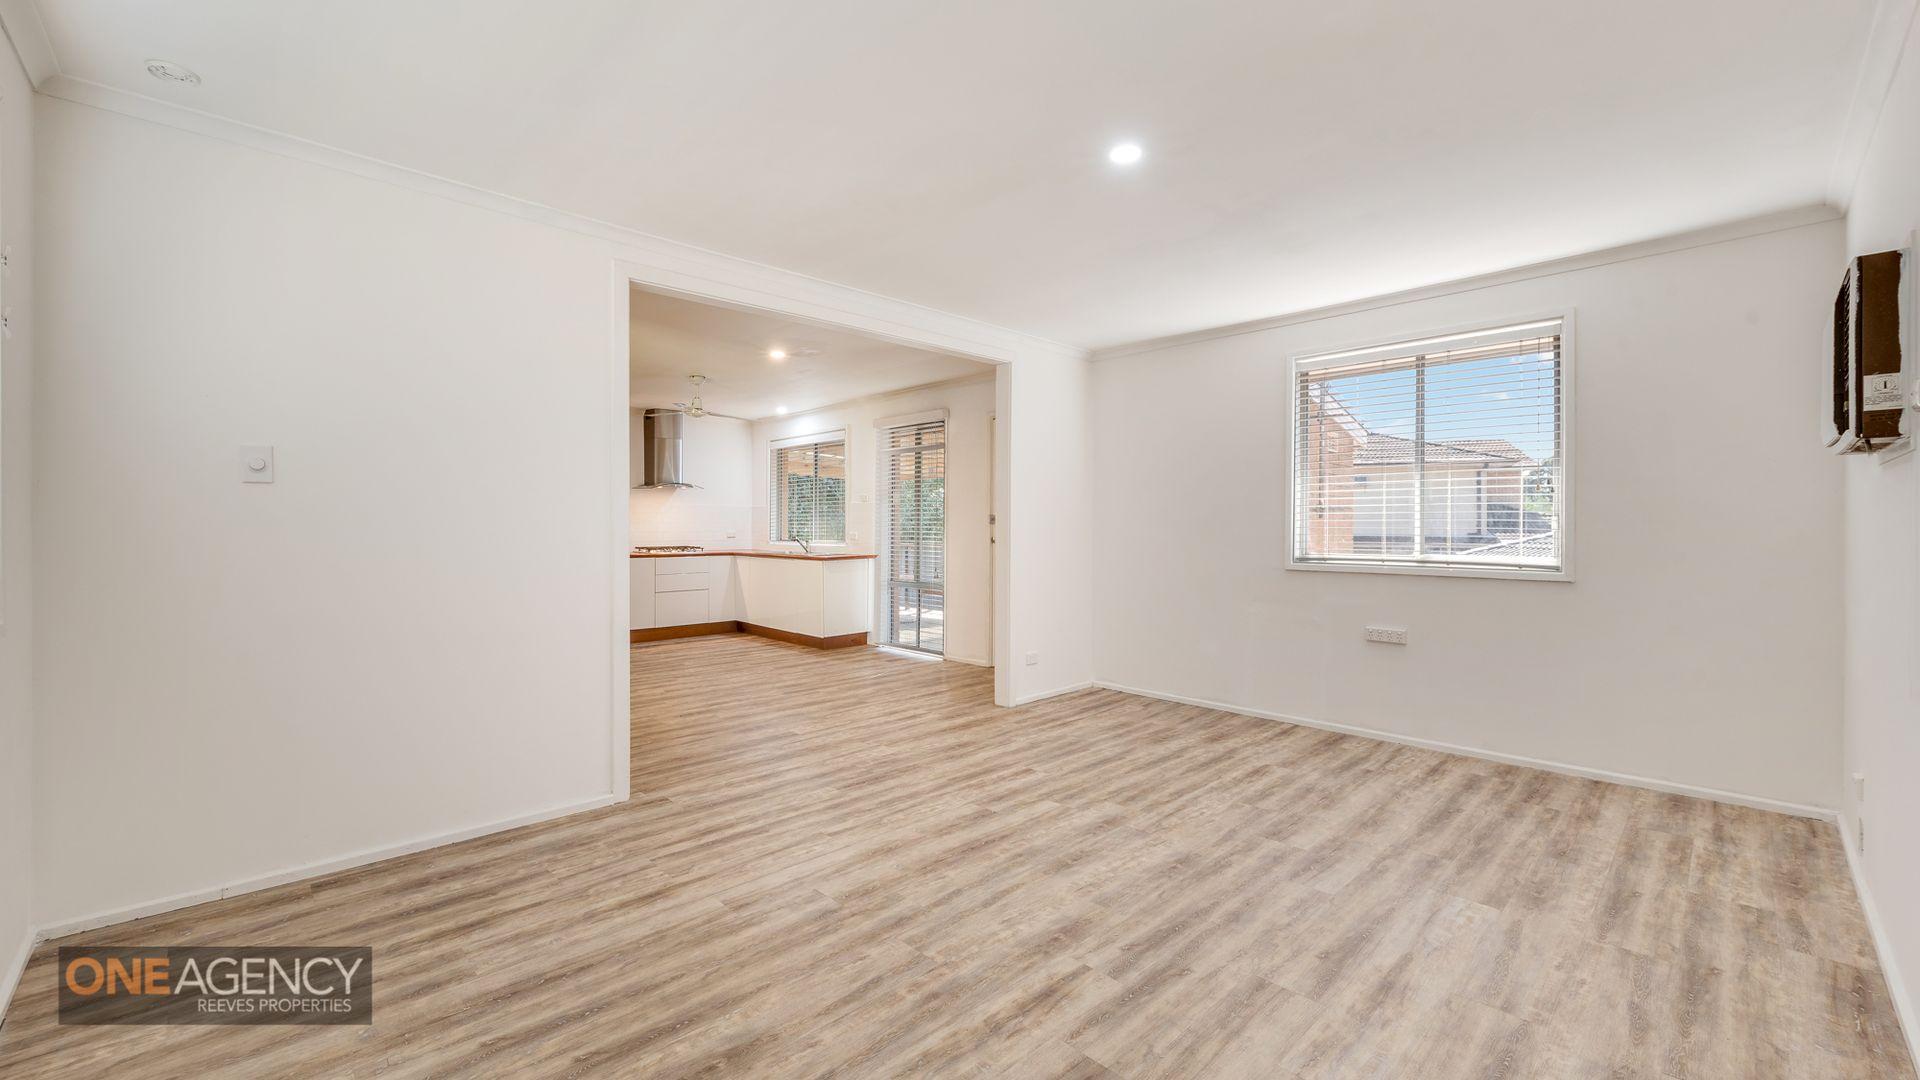 11 Jamieson Street, Emu Plains NSW 2750, Image 1